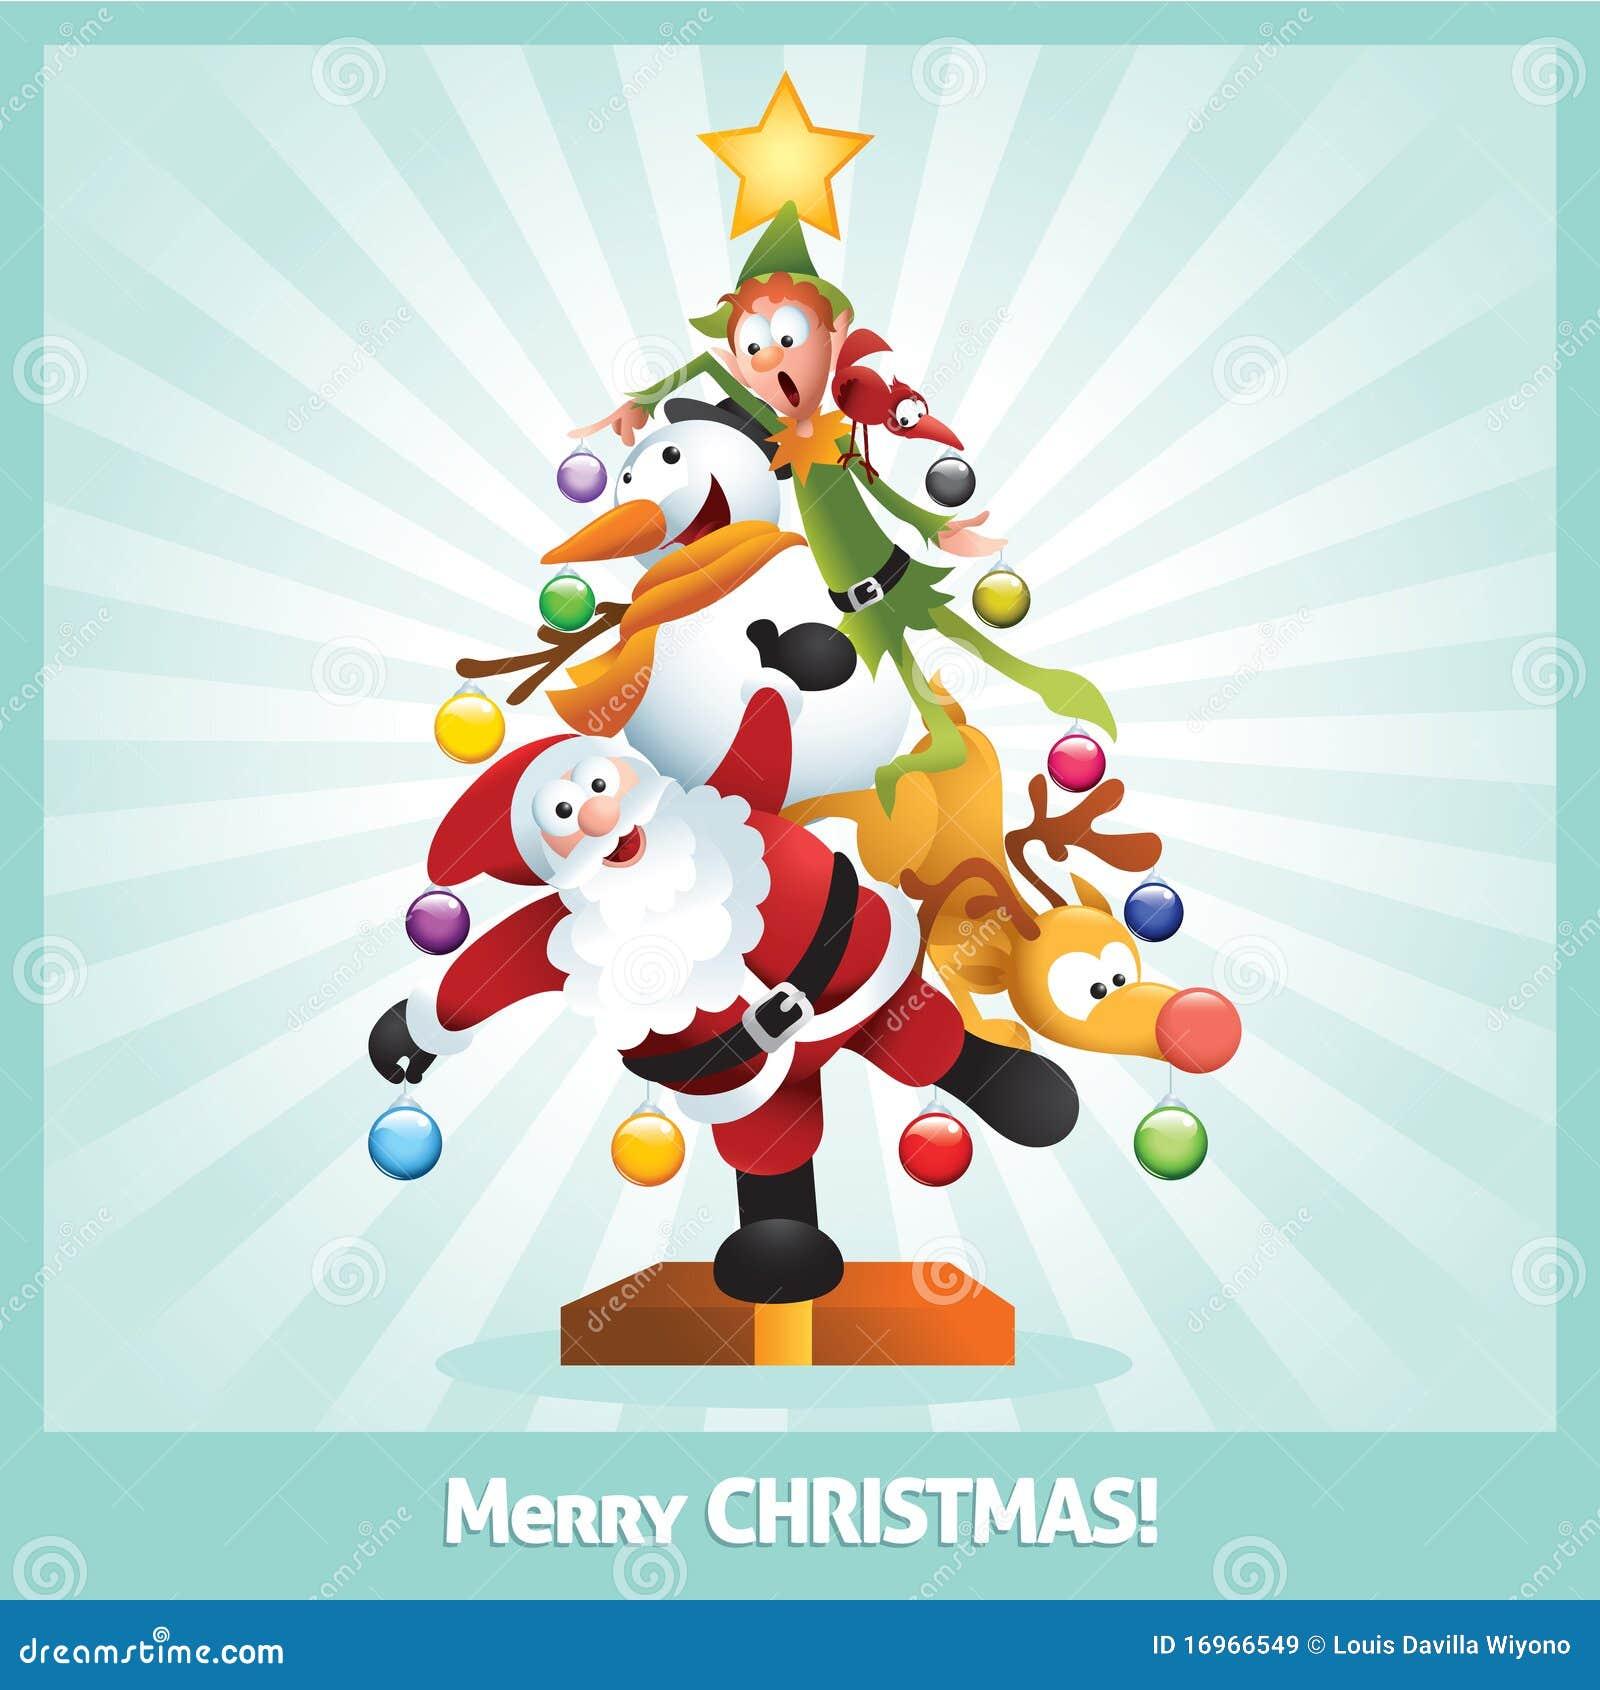 Immagini Del Natale Divertenti.Collage Divertente Del Fumetto Della Cartolina Di Natale